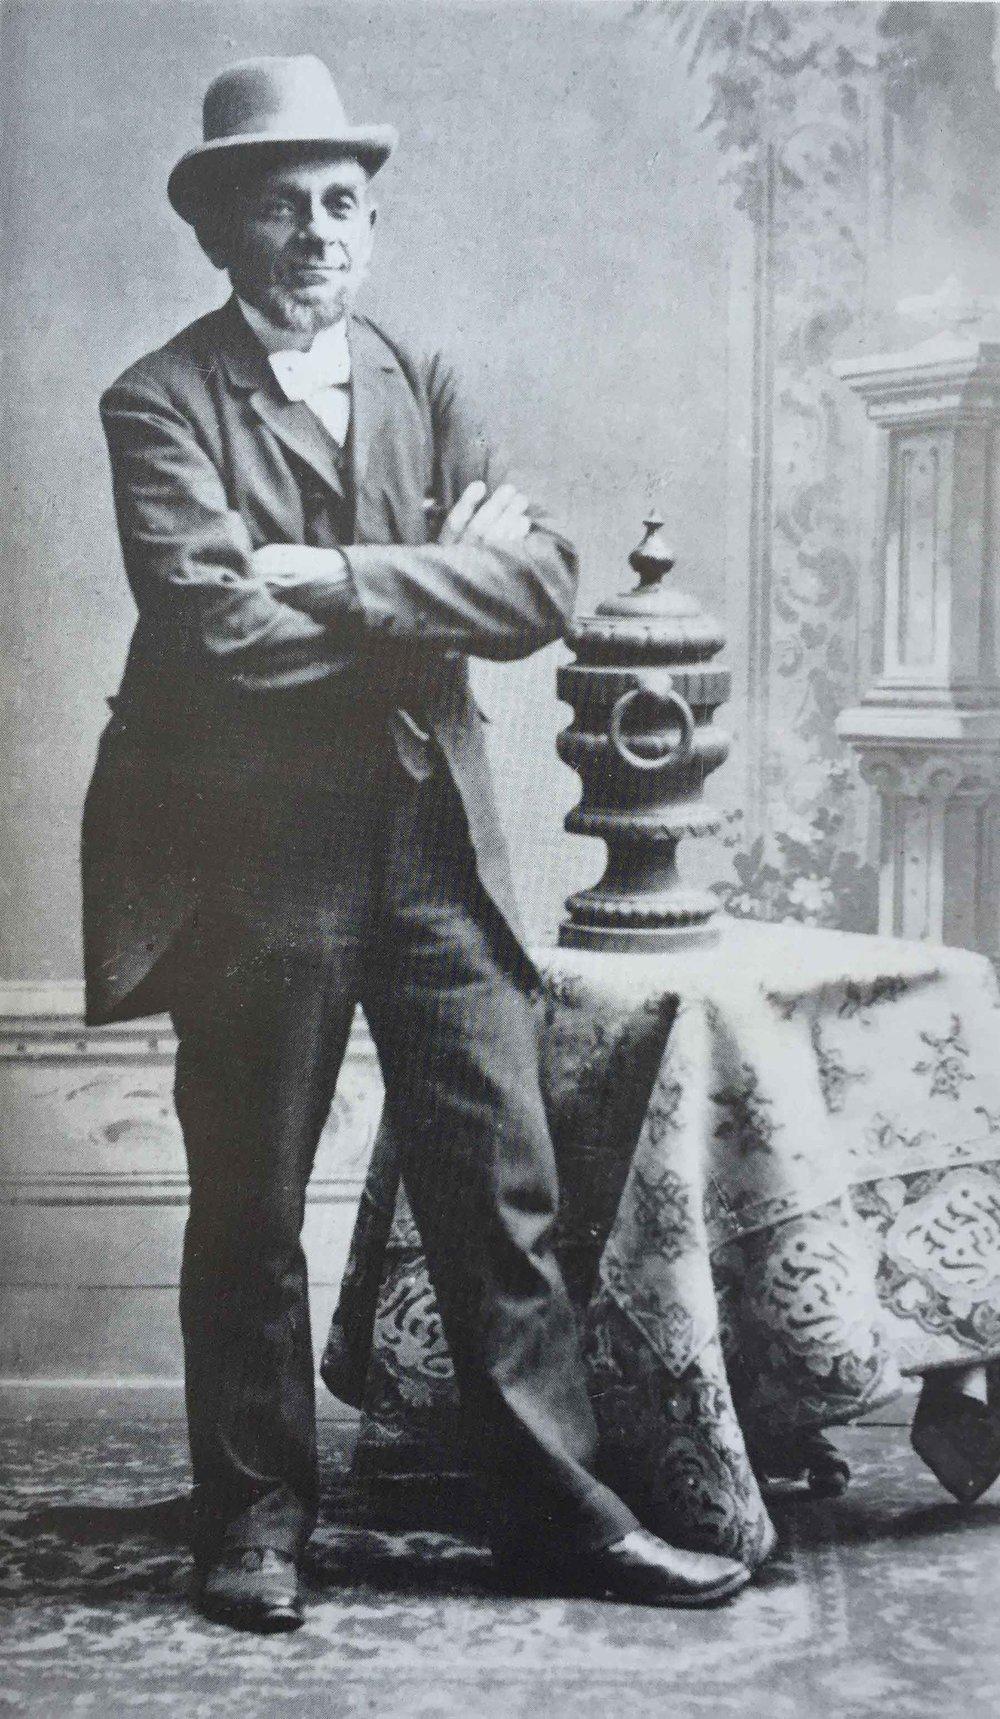 """Axel Broström - Axel Broström föds i Kristinehamn år 1838. 1865 inköper han sitt första fartyg – galeasen """"Mathilda"""". 1867 gör Axel sin första resa till Göteborg som skeppare på nyinköpta slupen """"Elise""""."""